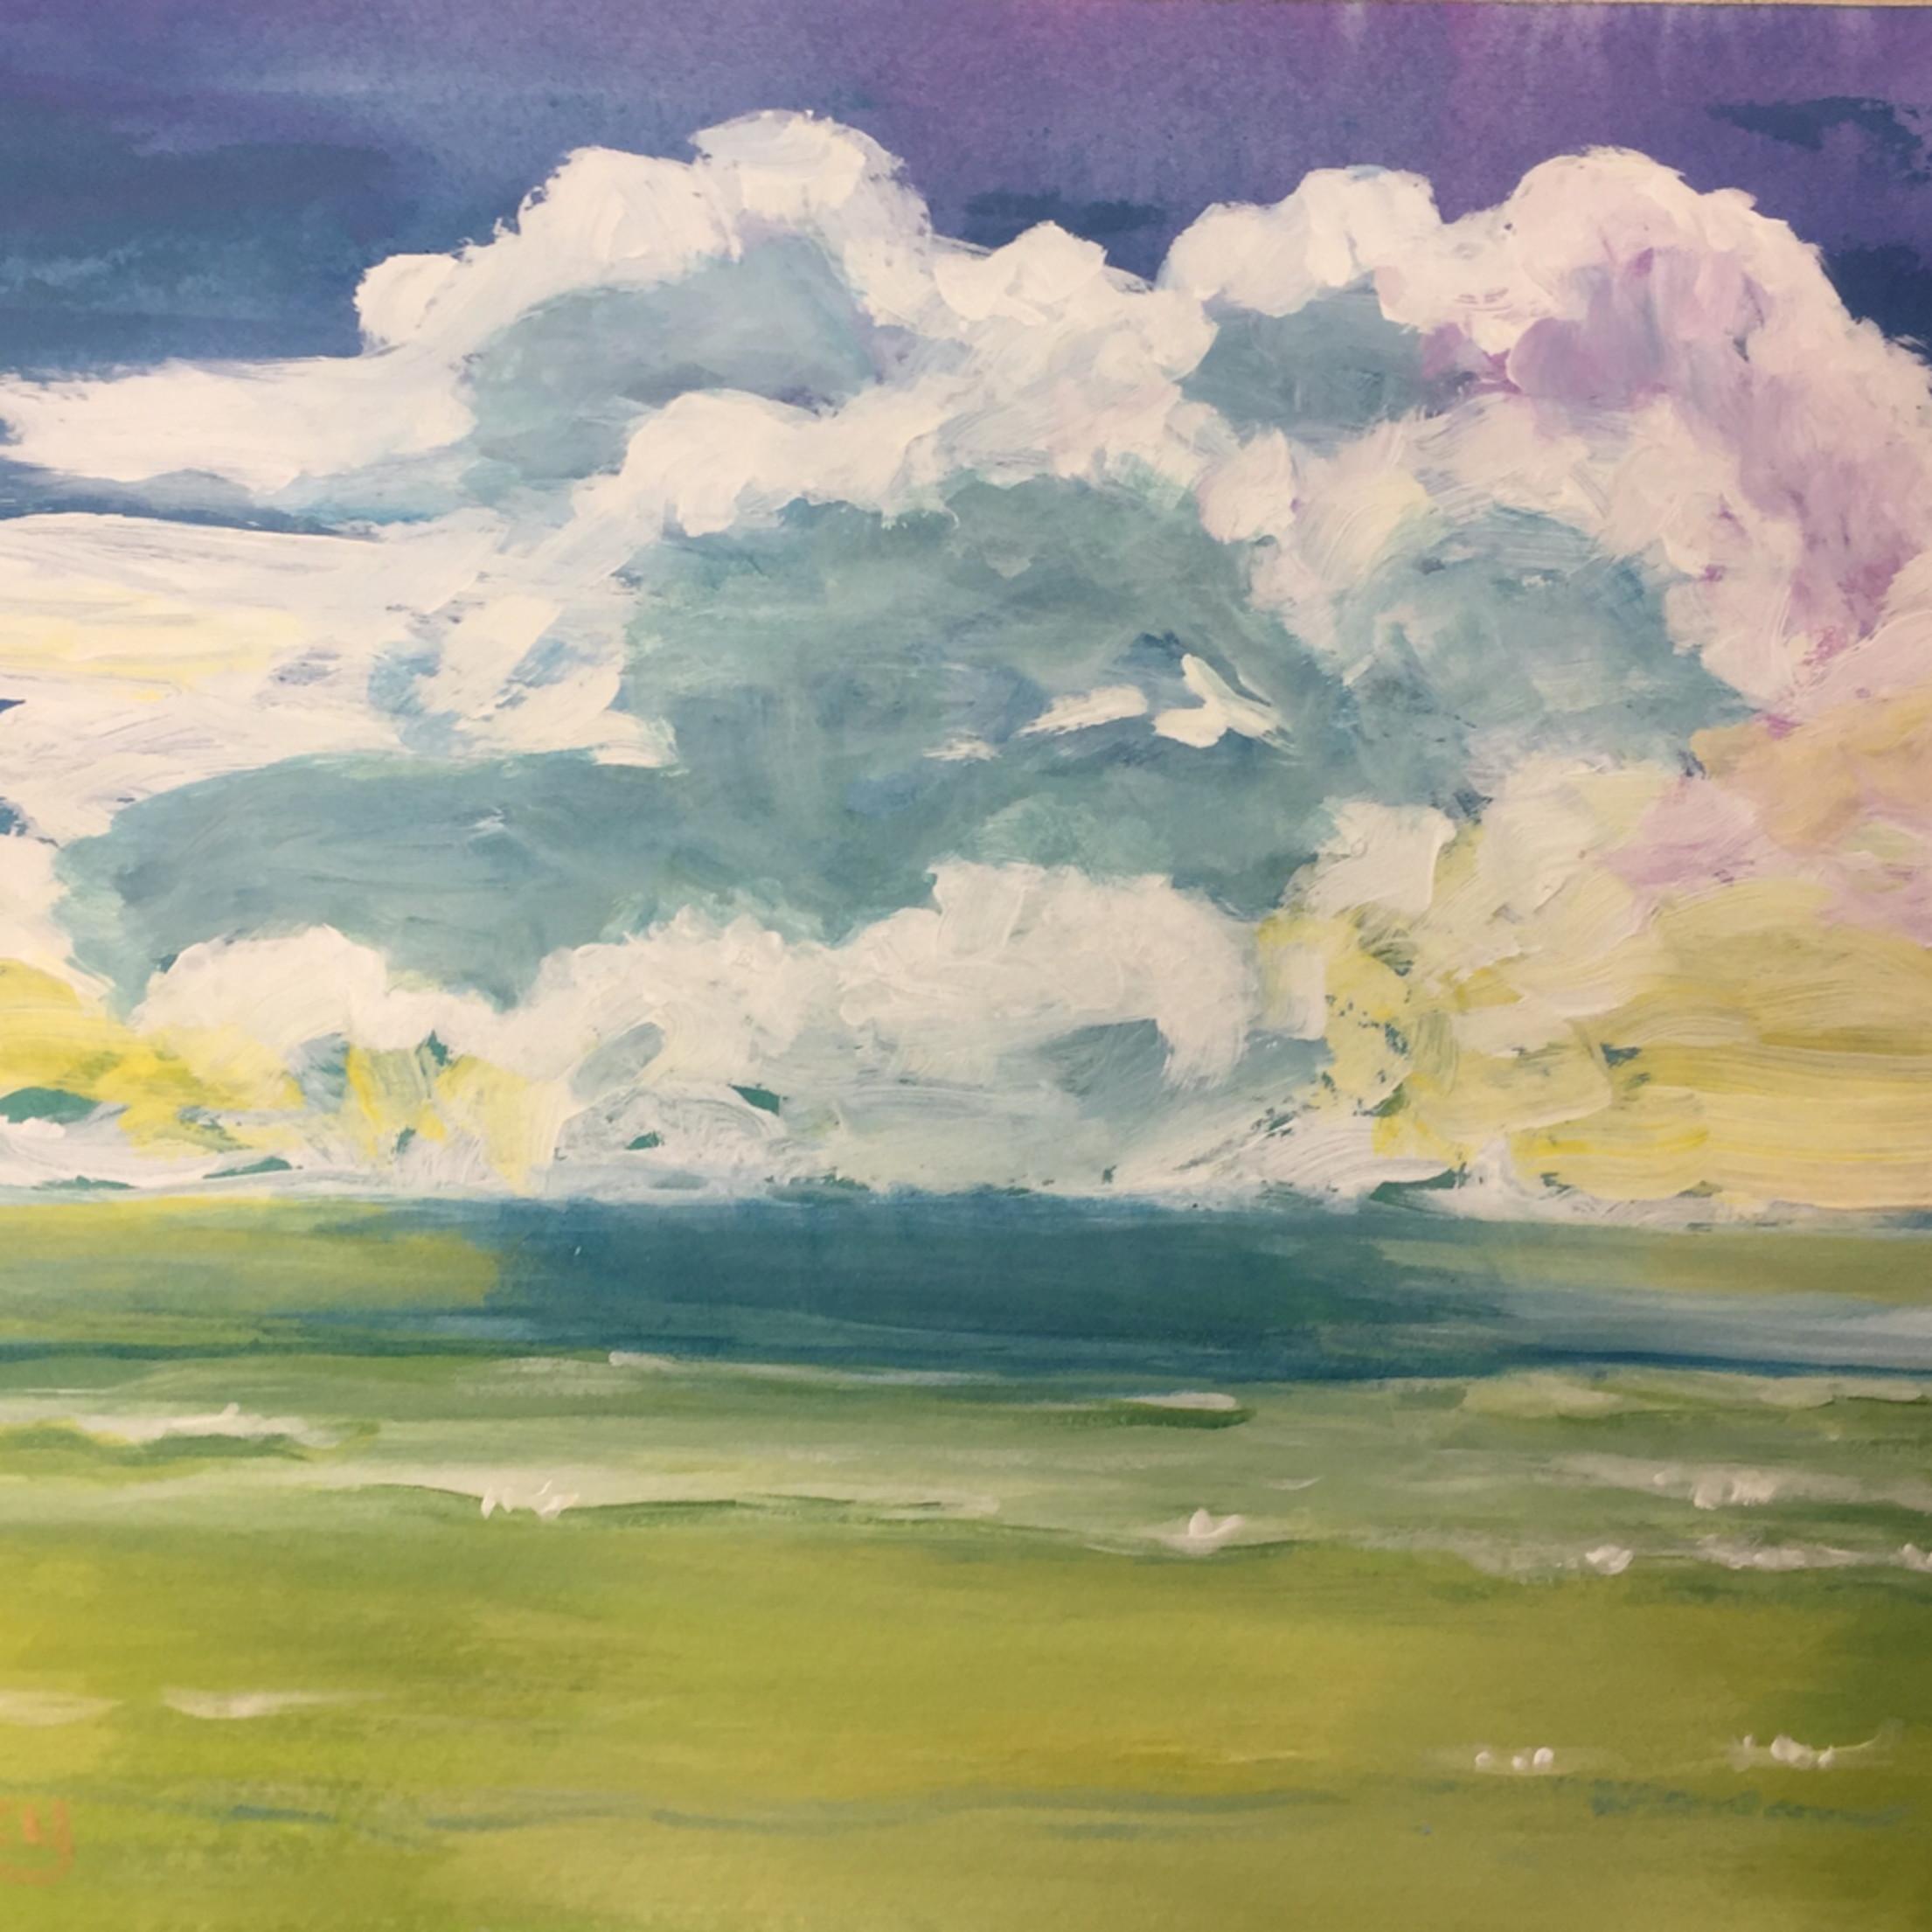 Beach clouds i7mz3j